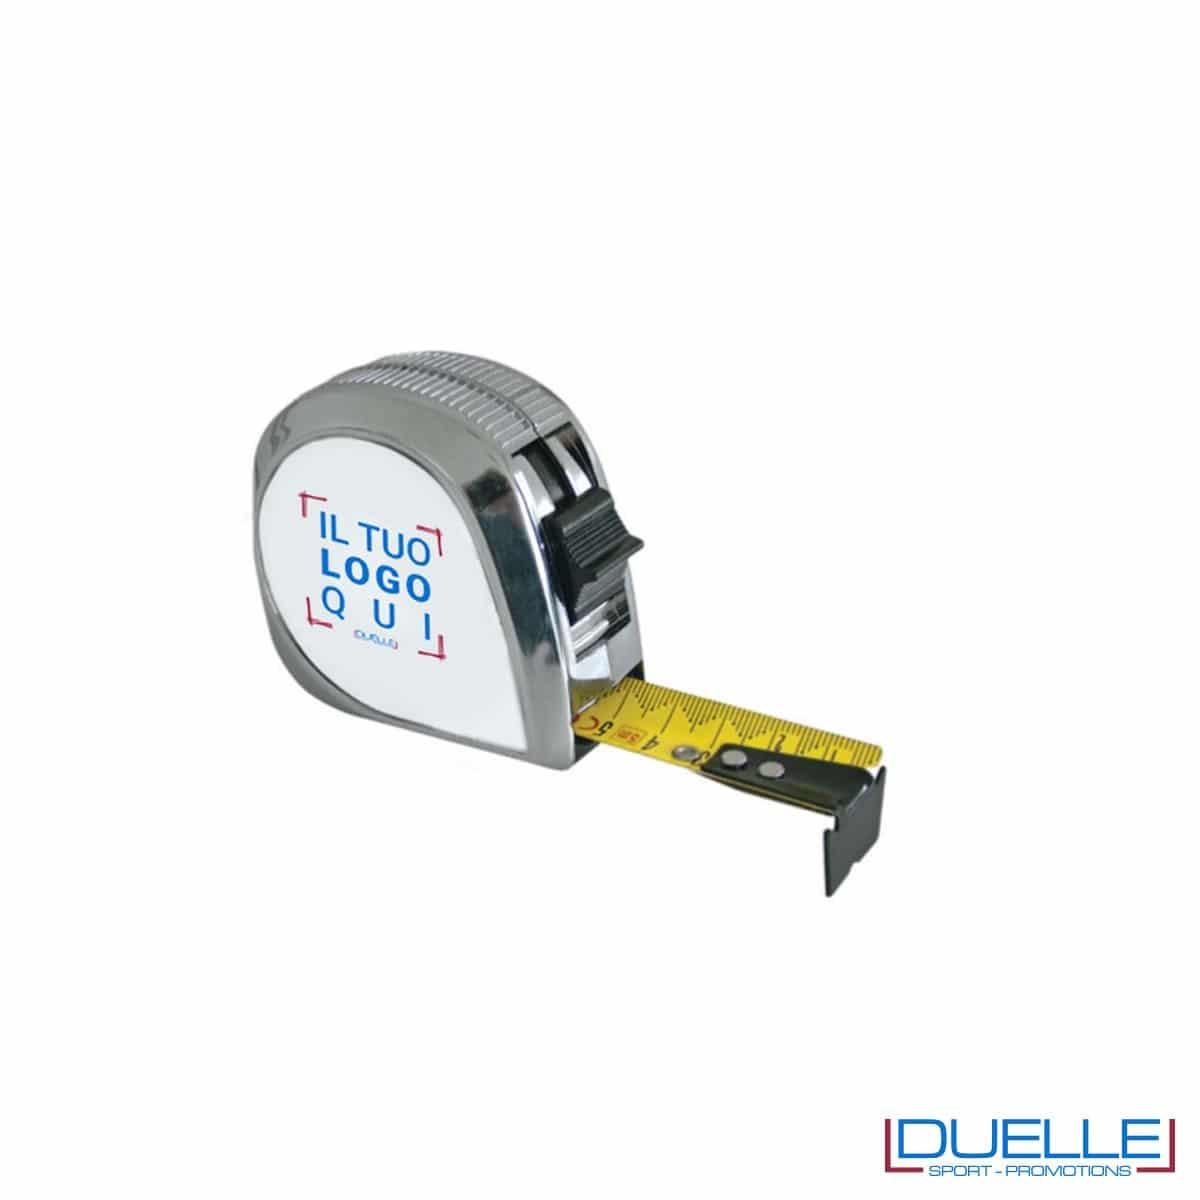 Flessometro con lettura facilitata Metrica personalizzato con stampe colorate